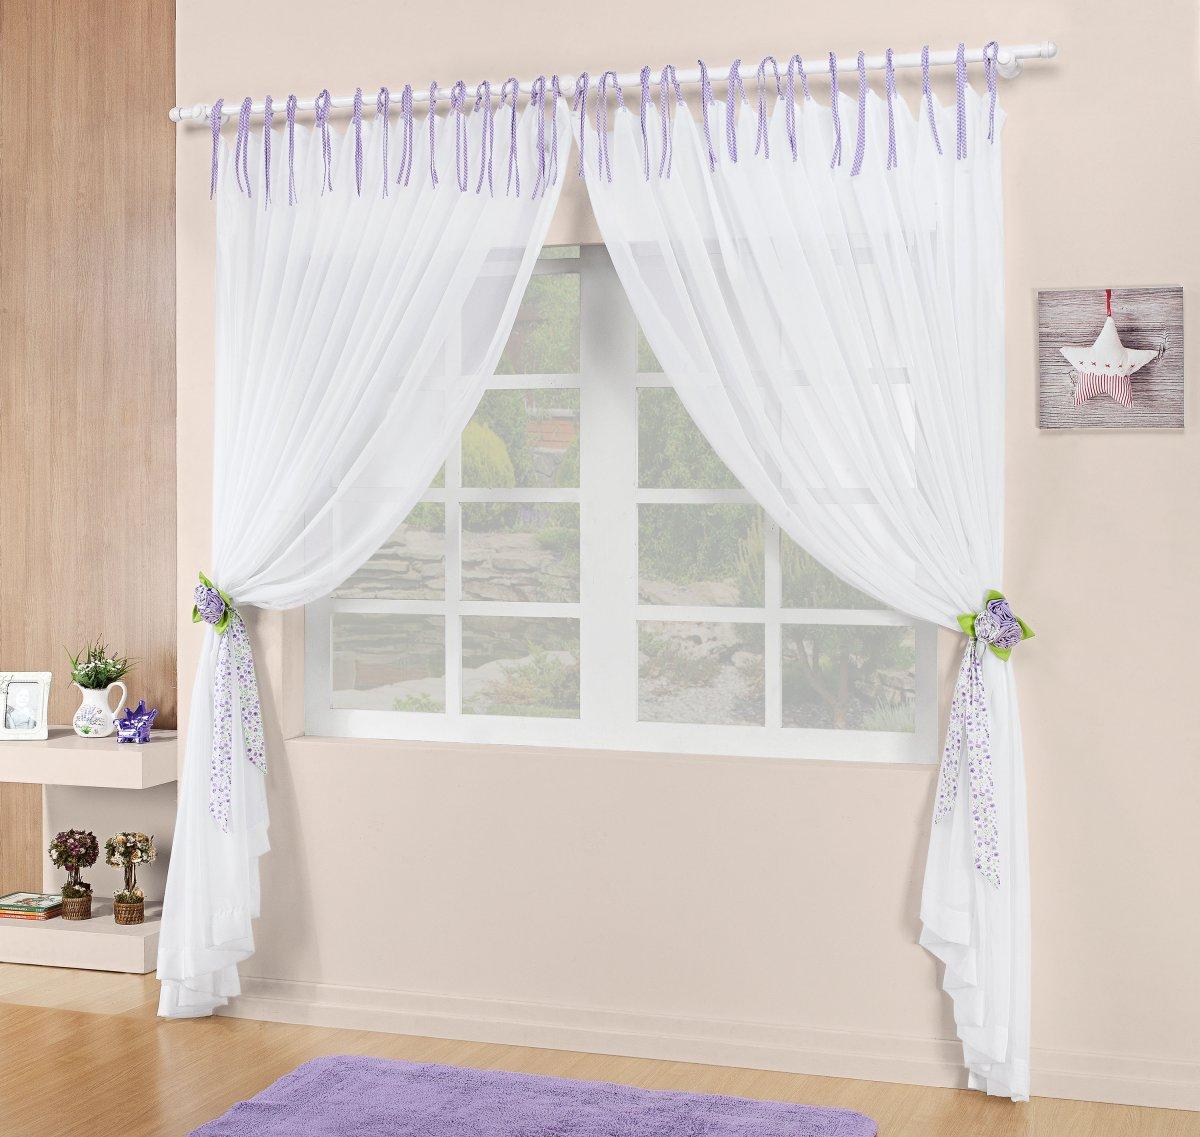 Cortina Sala e Quarto 2 metros Branco com detalhe lilás Percal 200 fios - Cortina Bianca